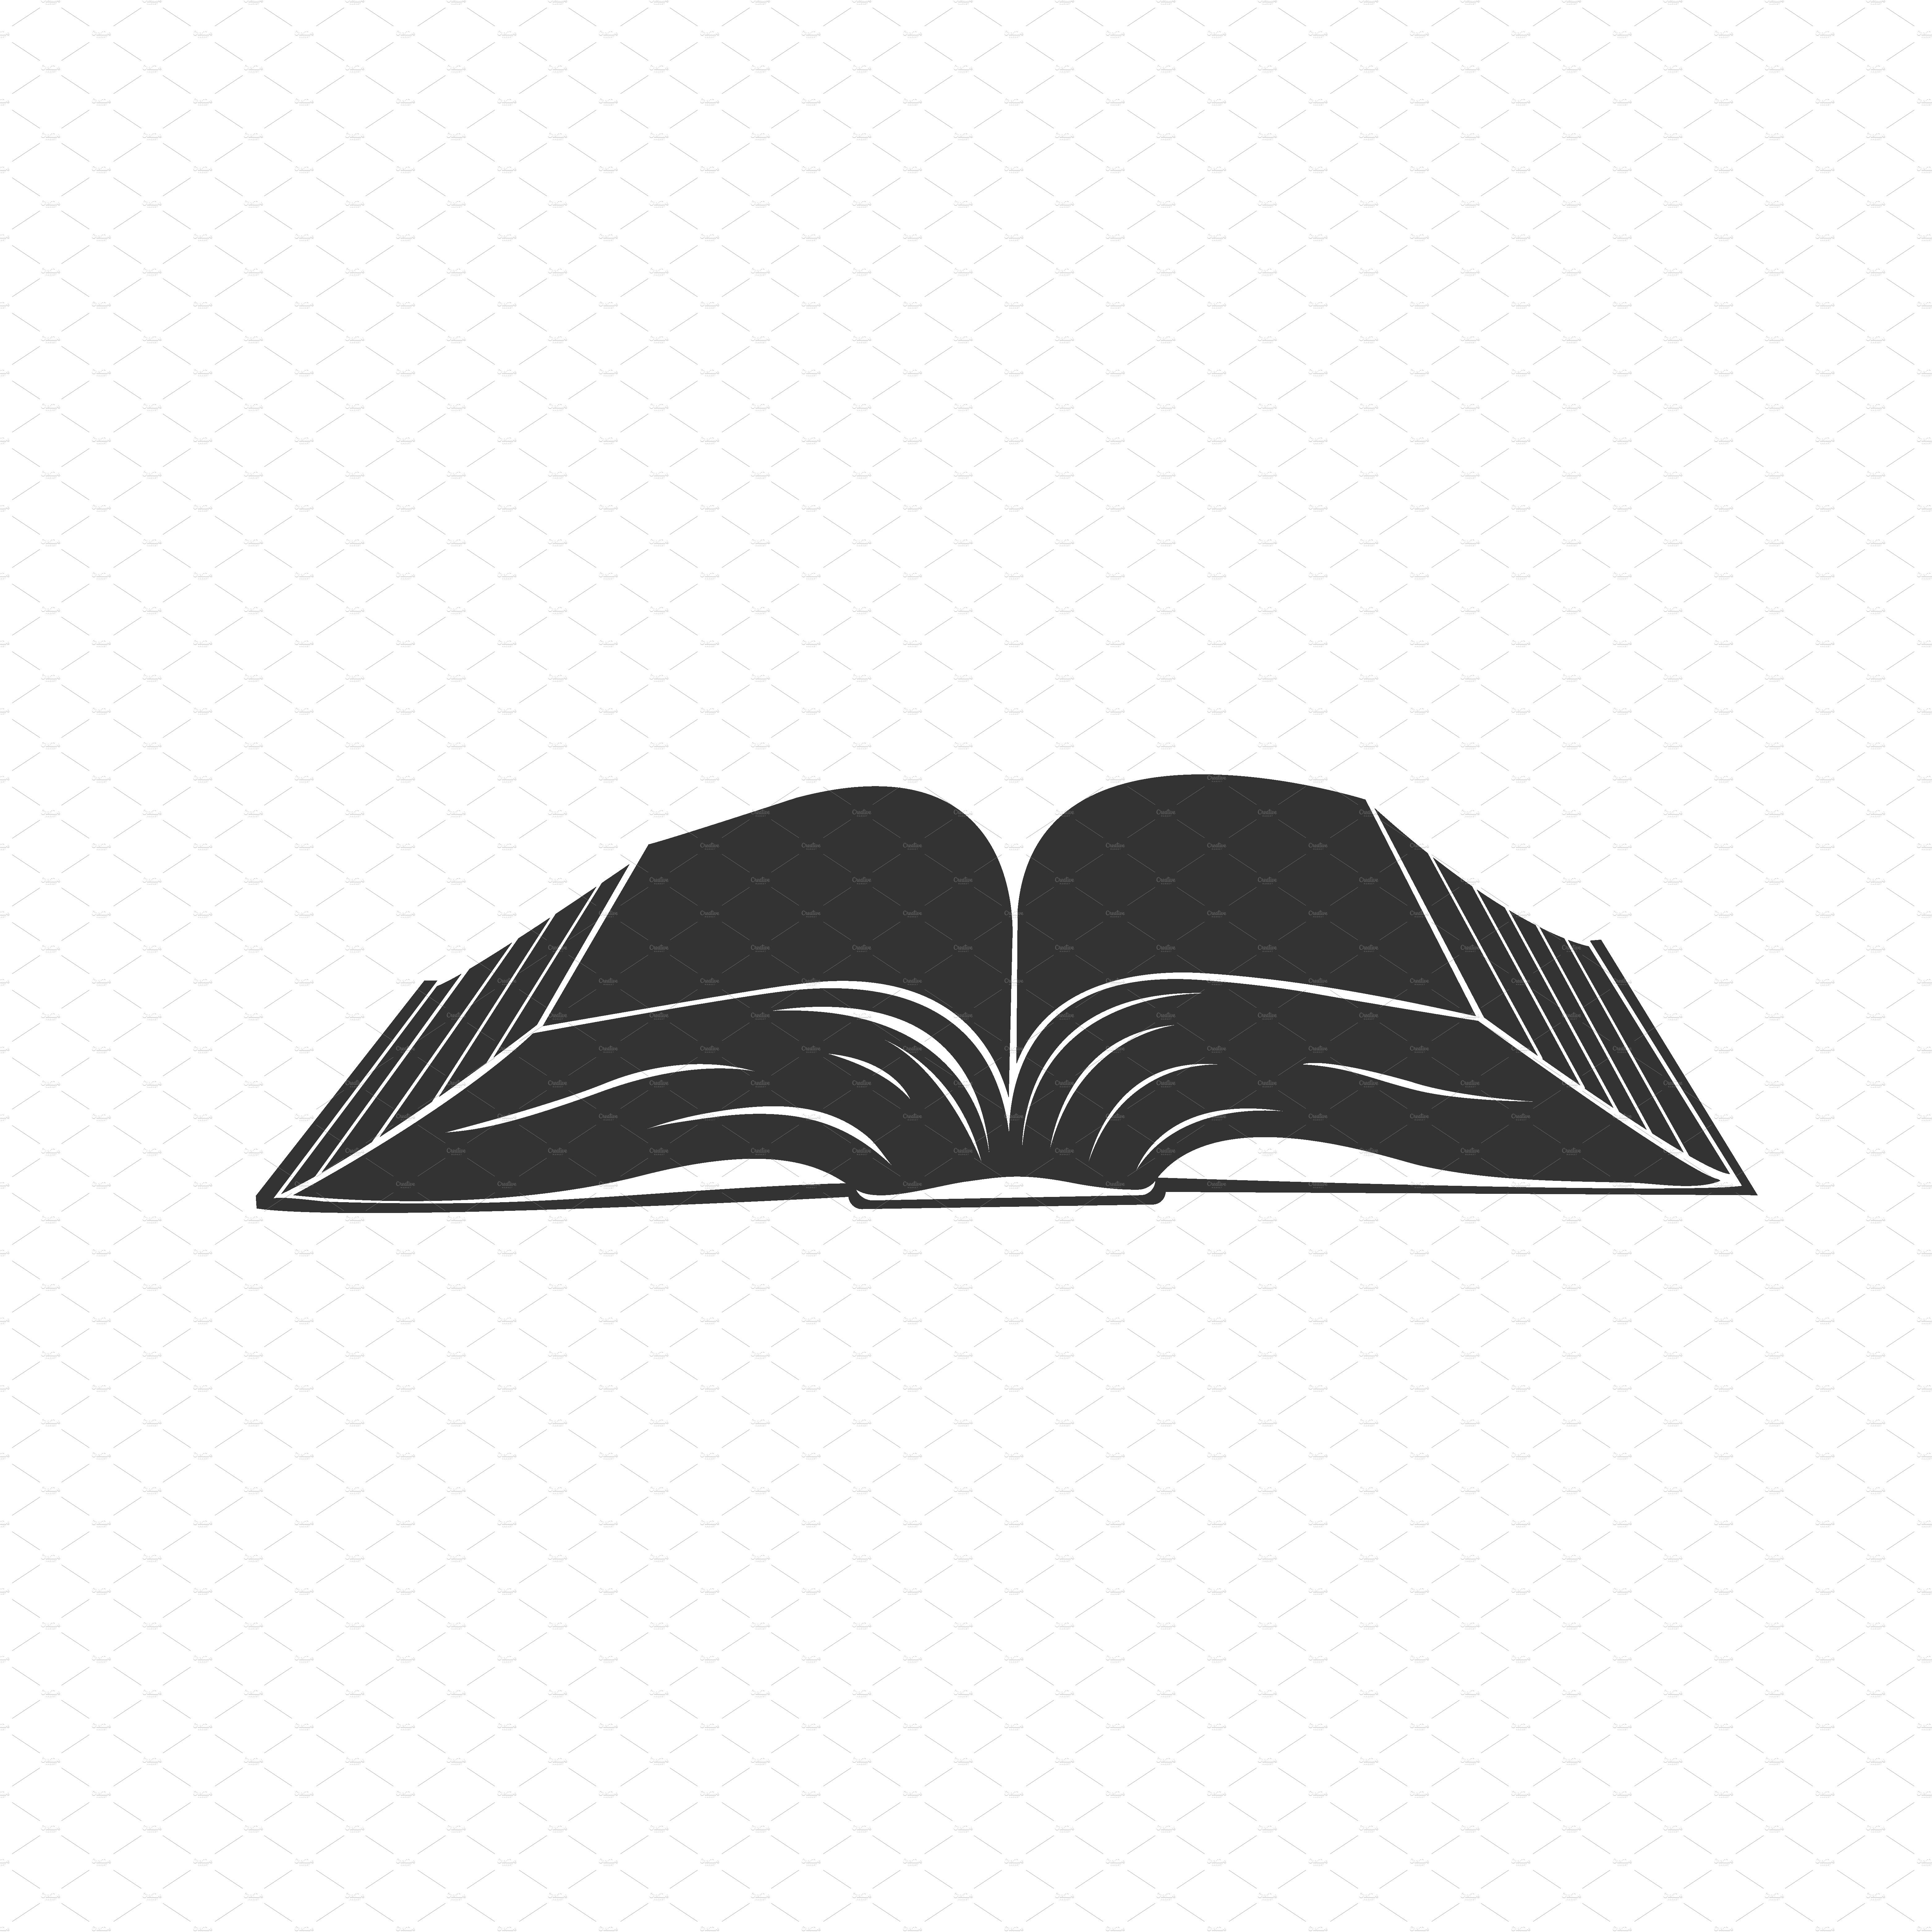 Creative Book Design Vector : Open book icon vector illustrations creative market